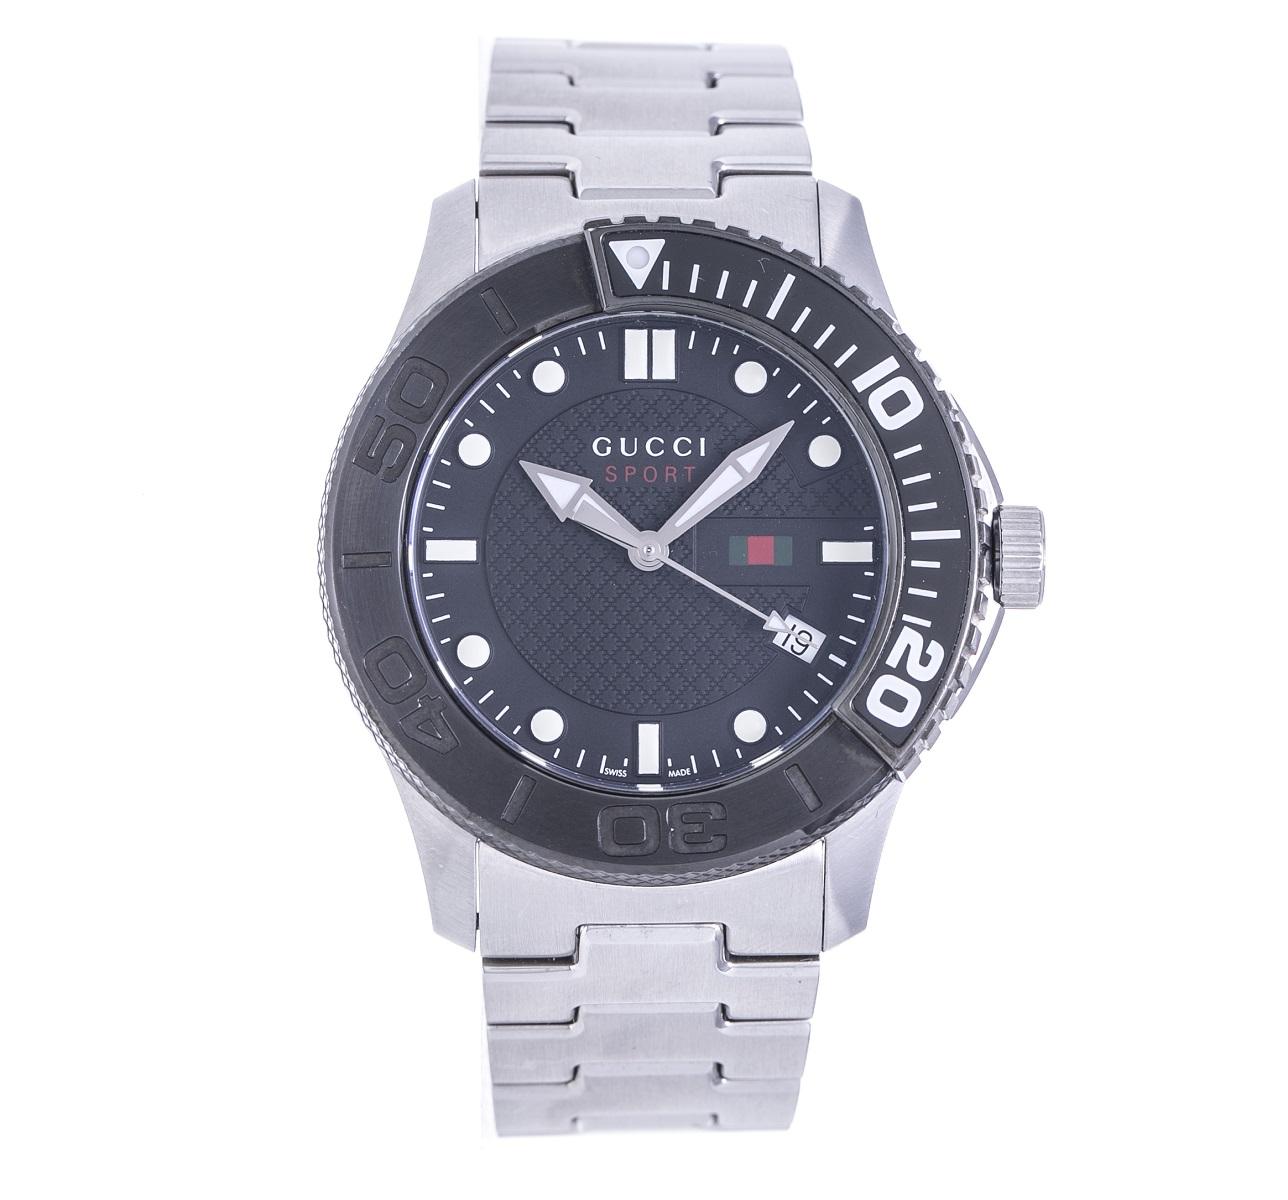 GUCCI グッチ Gタイムレス 126.2 SS ステンレス Qz クォーツ メンズ 腕時計【トレジャースポット】【中古】